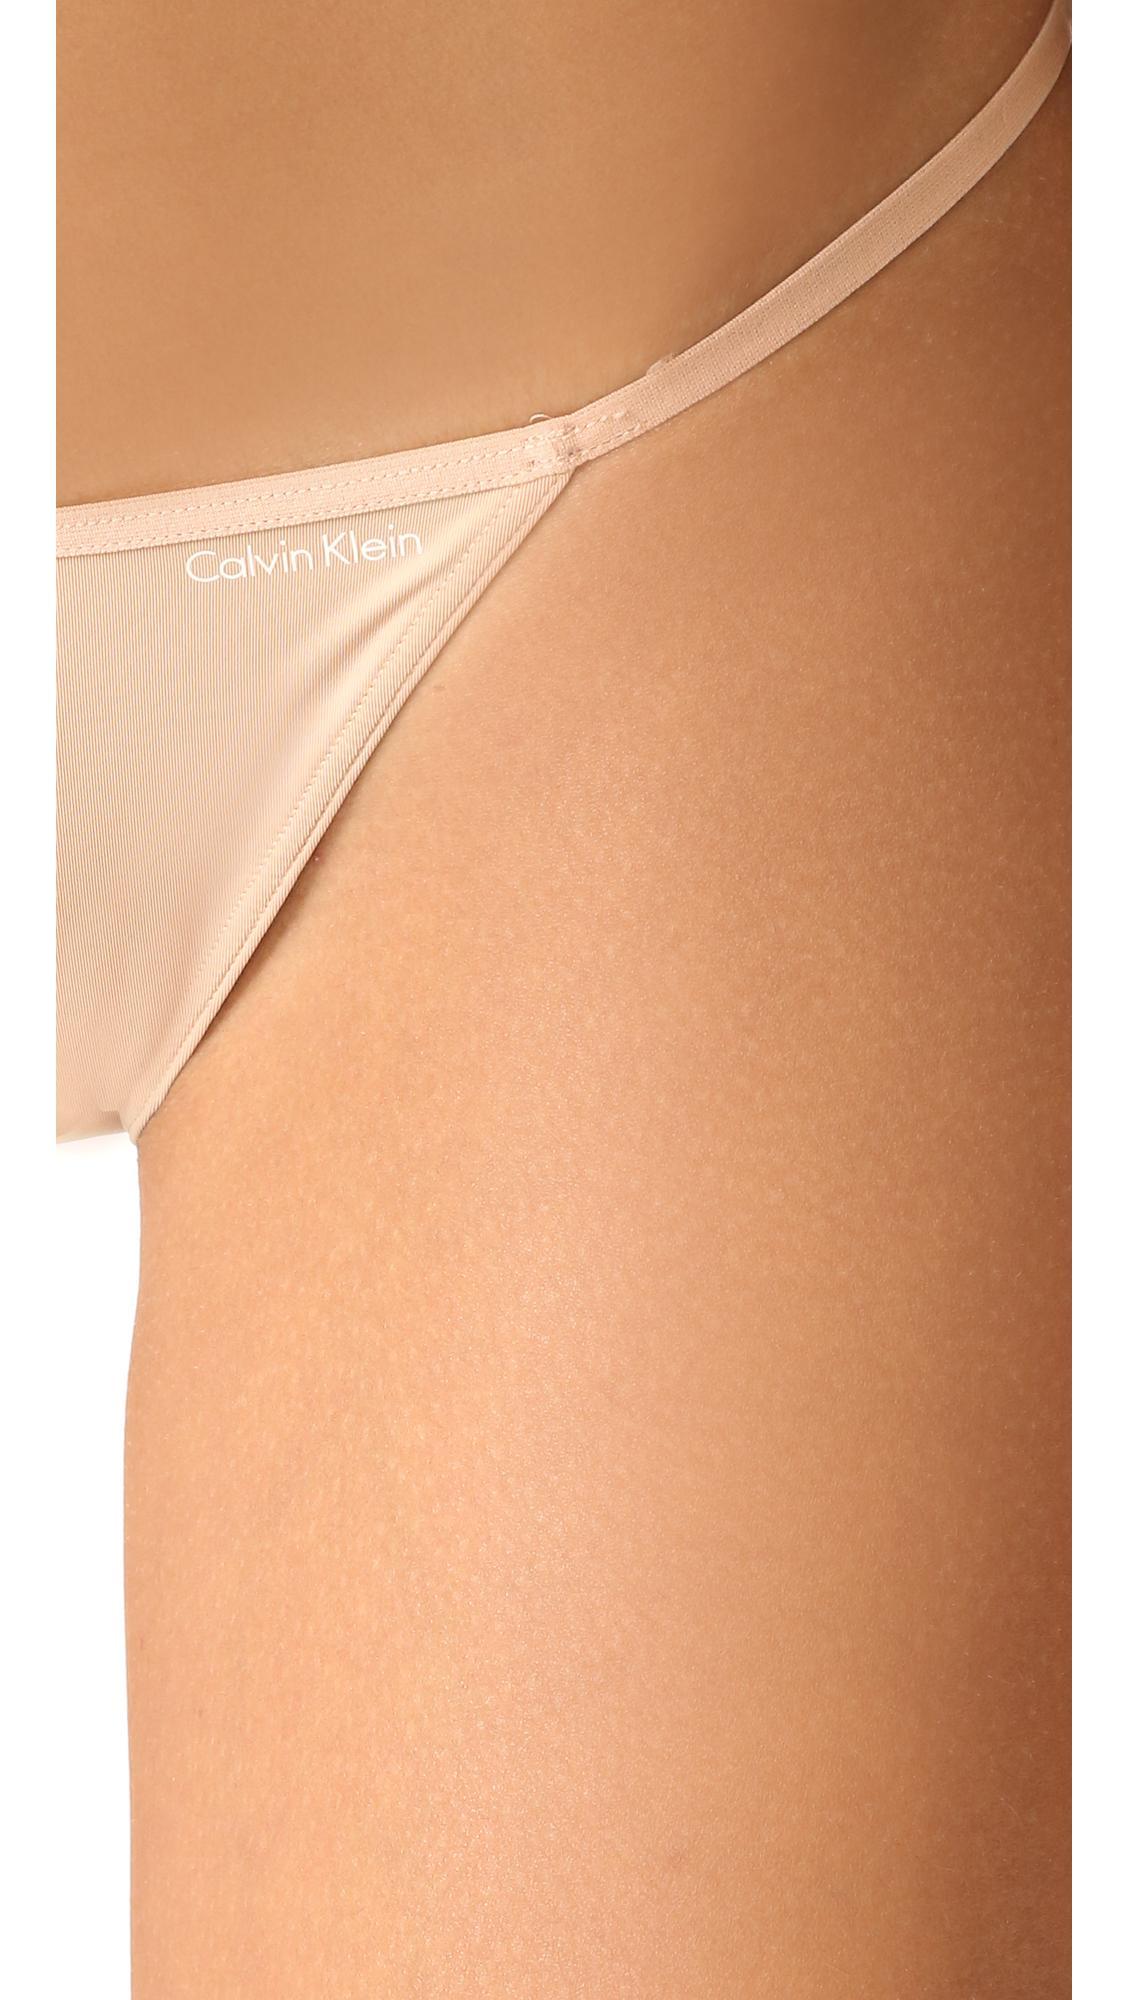 calvin klein sleek string bikini panties in multicolor lyst. Black Bedroom Furniture Sets. Home Design Ideas